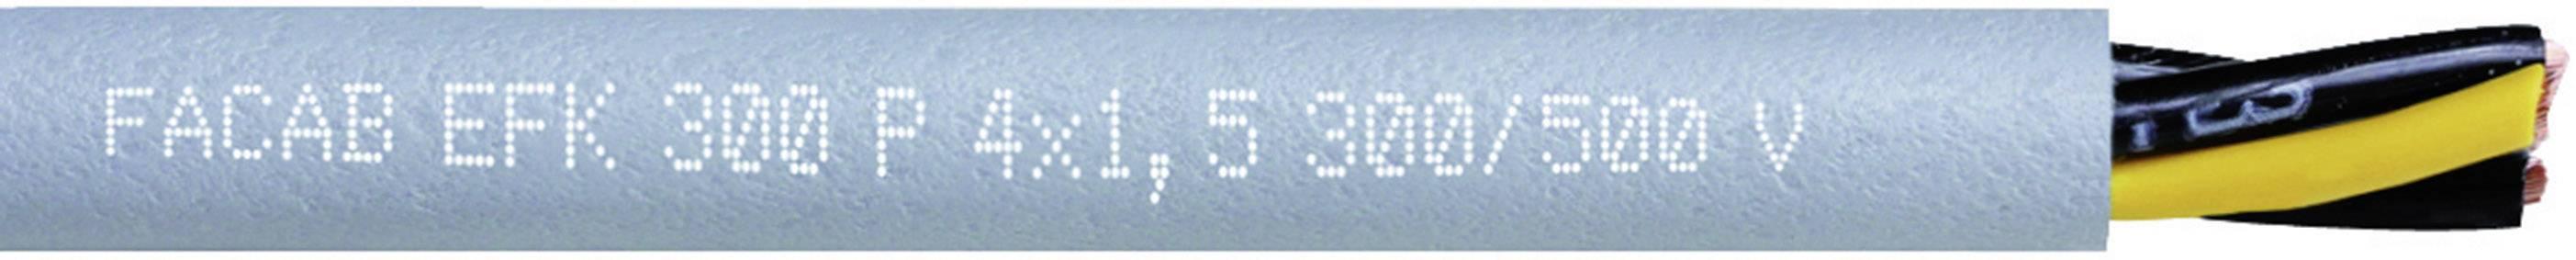 Tažný kabel Faber Kabel EFK 300 P AD300 - SCHLEPPLTG. TPE/PUR (031580), 4x 2,5 mm², polyurethan, Ø 8,9 mm, nes